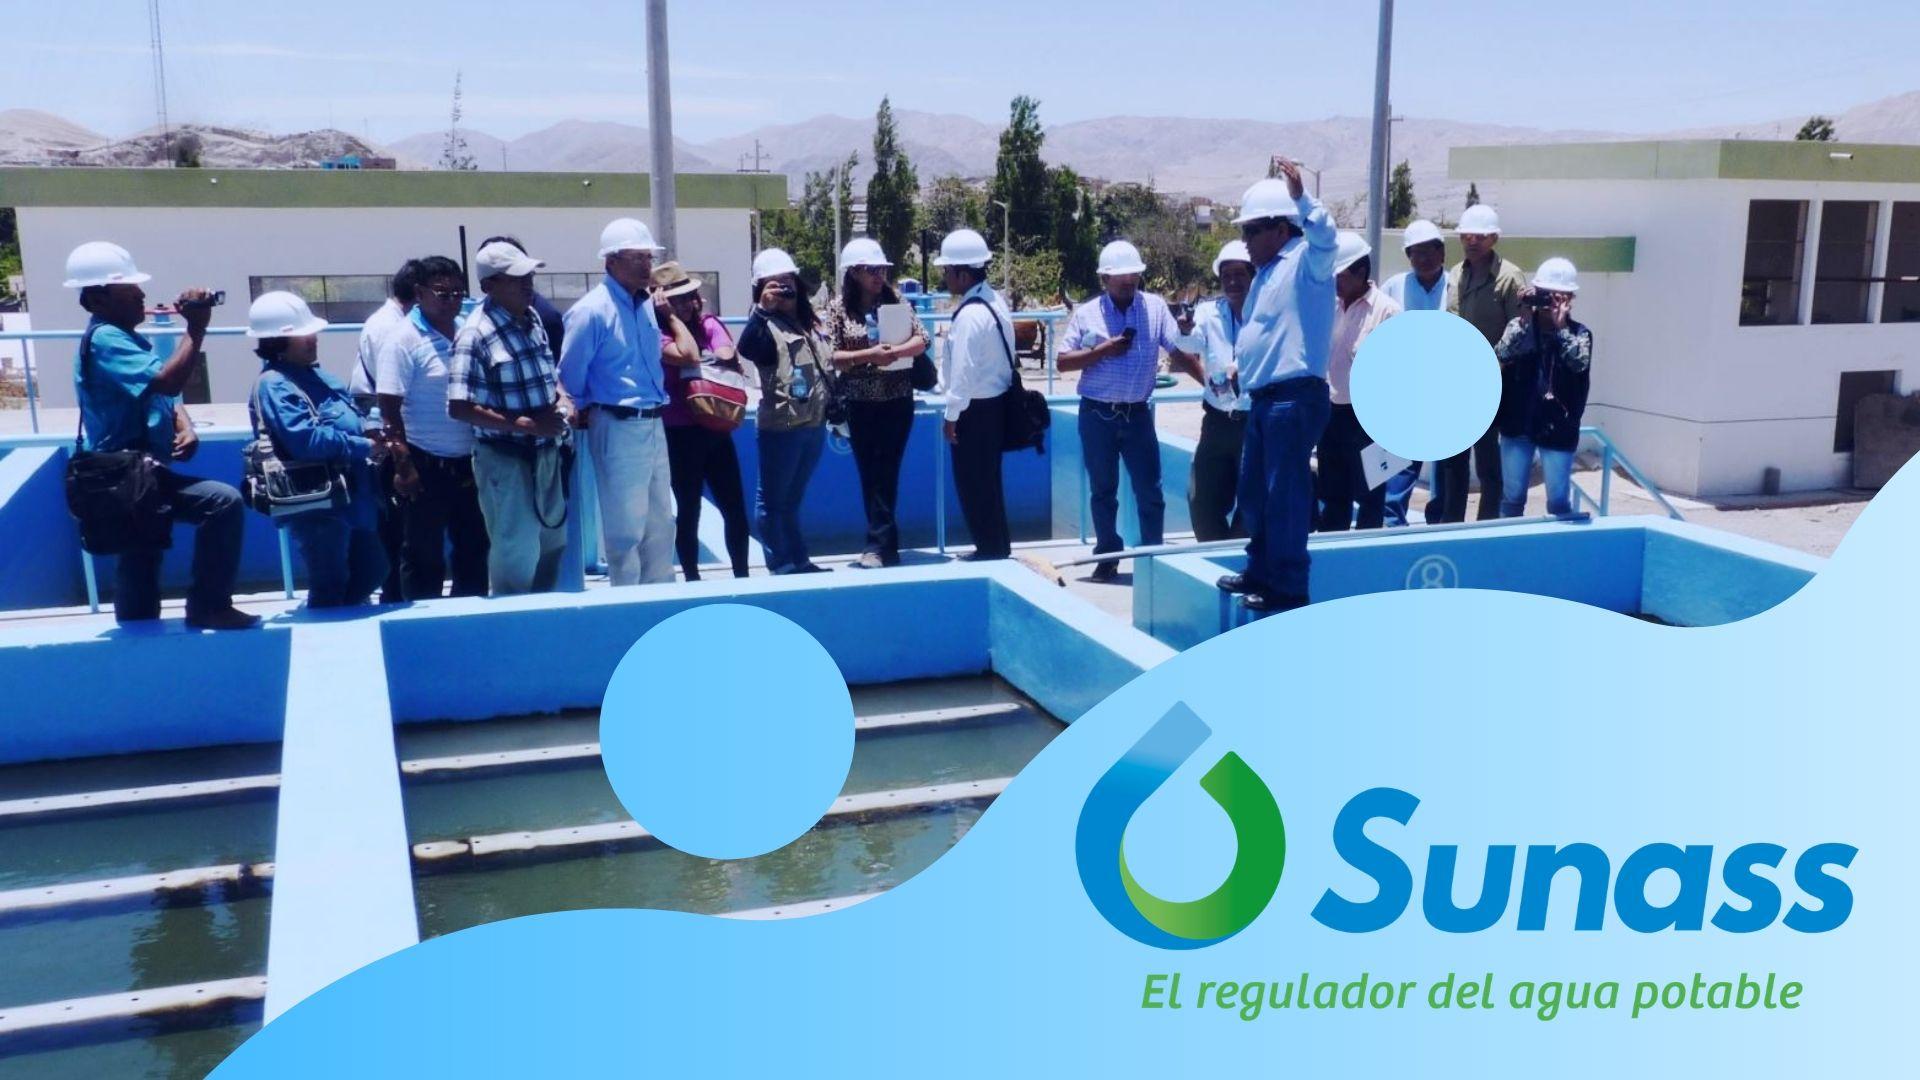 Qué es la Sunass en Perú